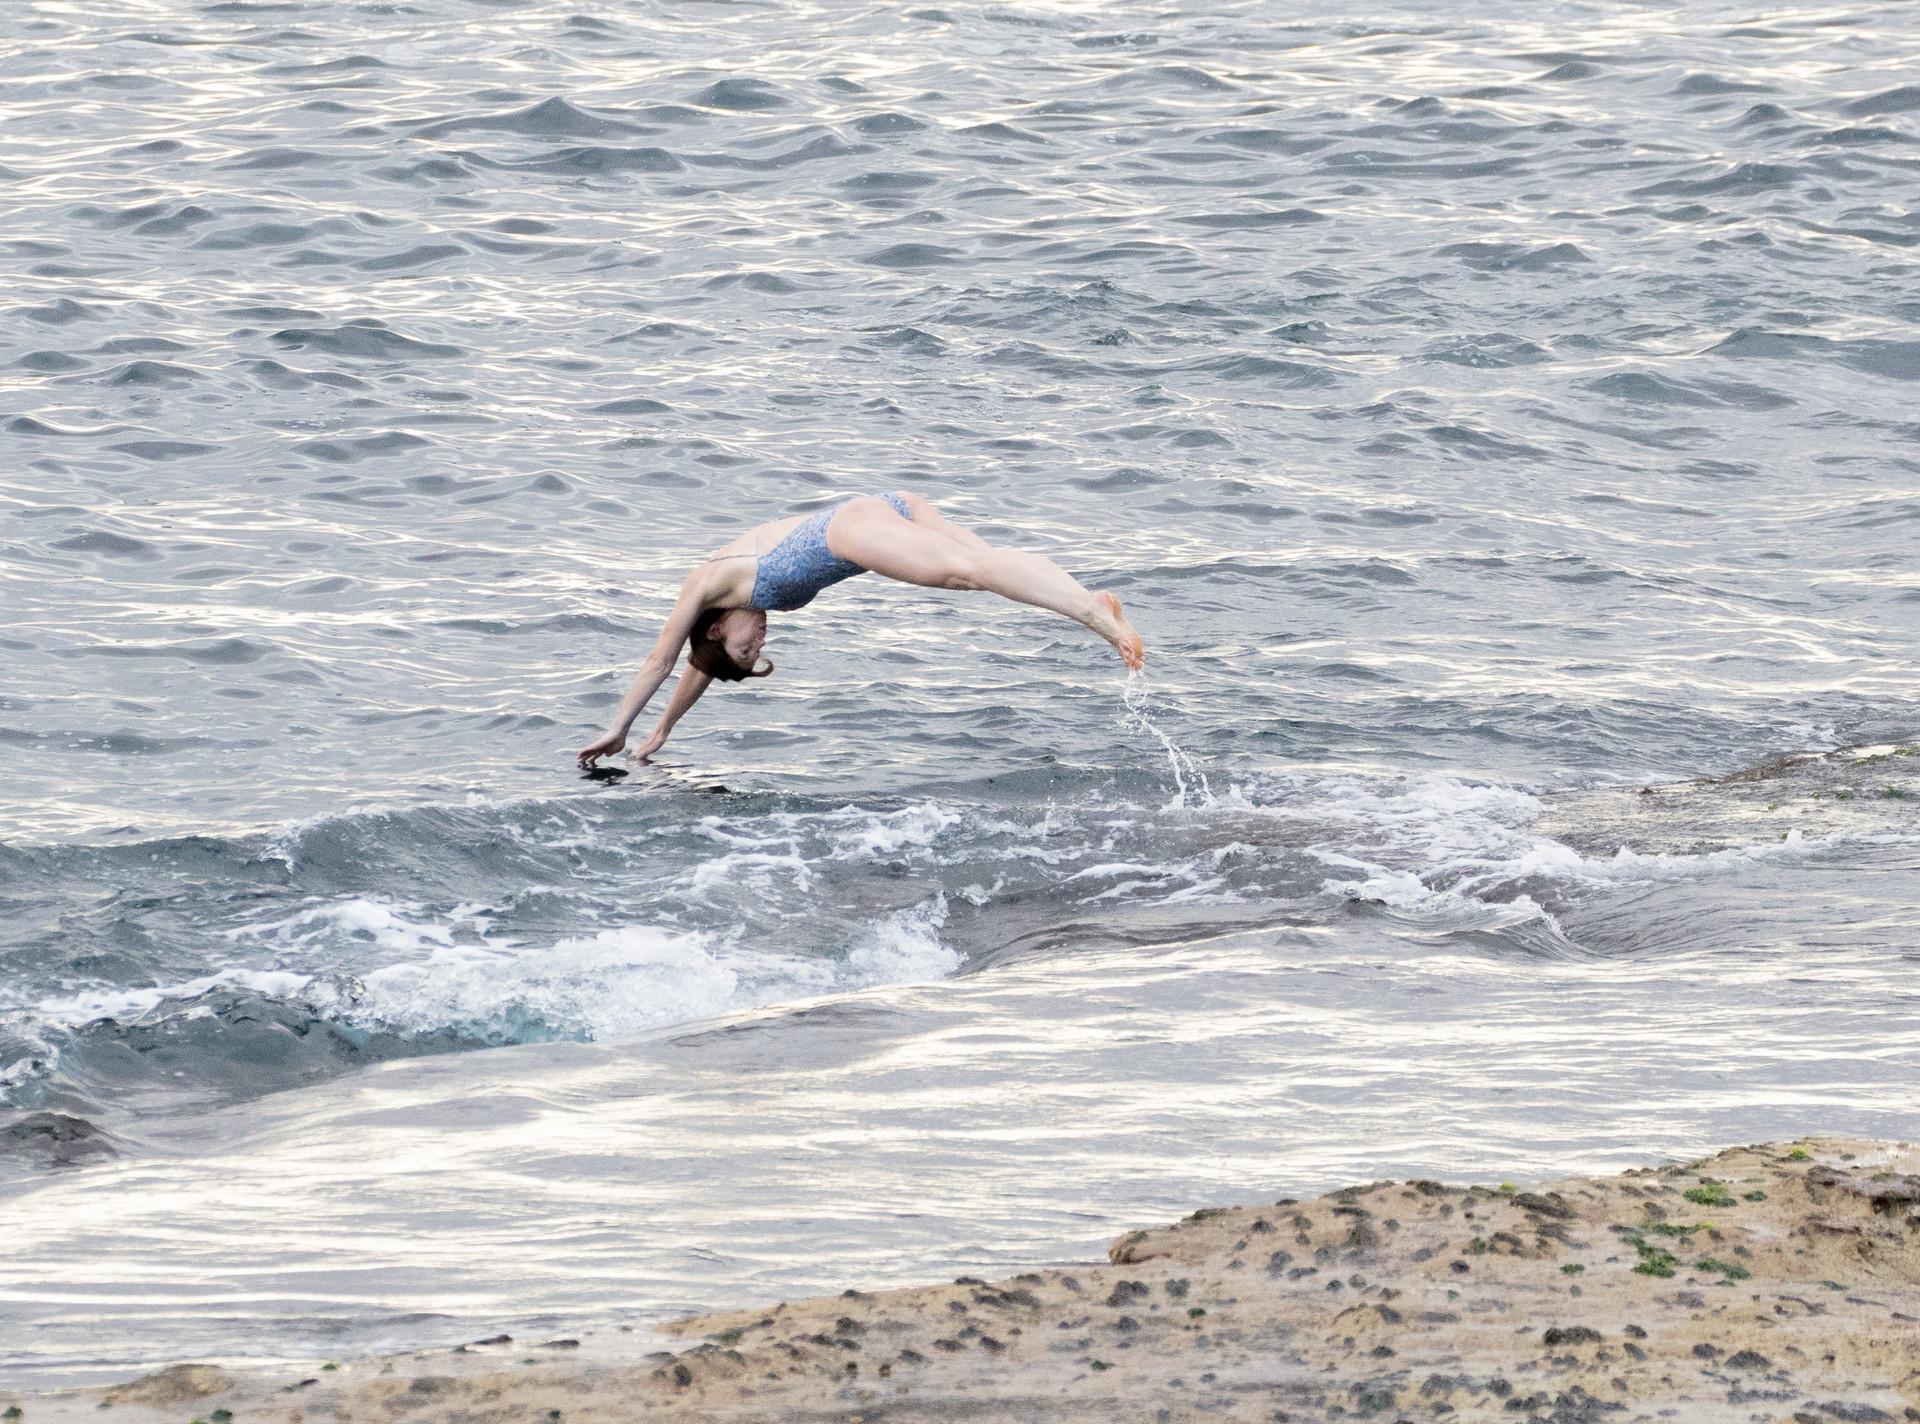 dive into the sea at Bondi